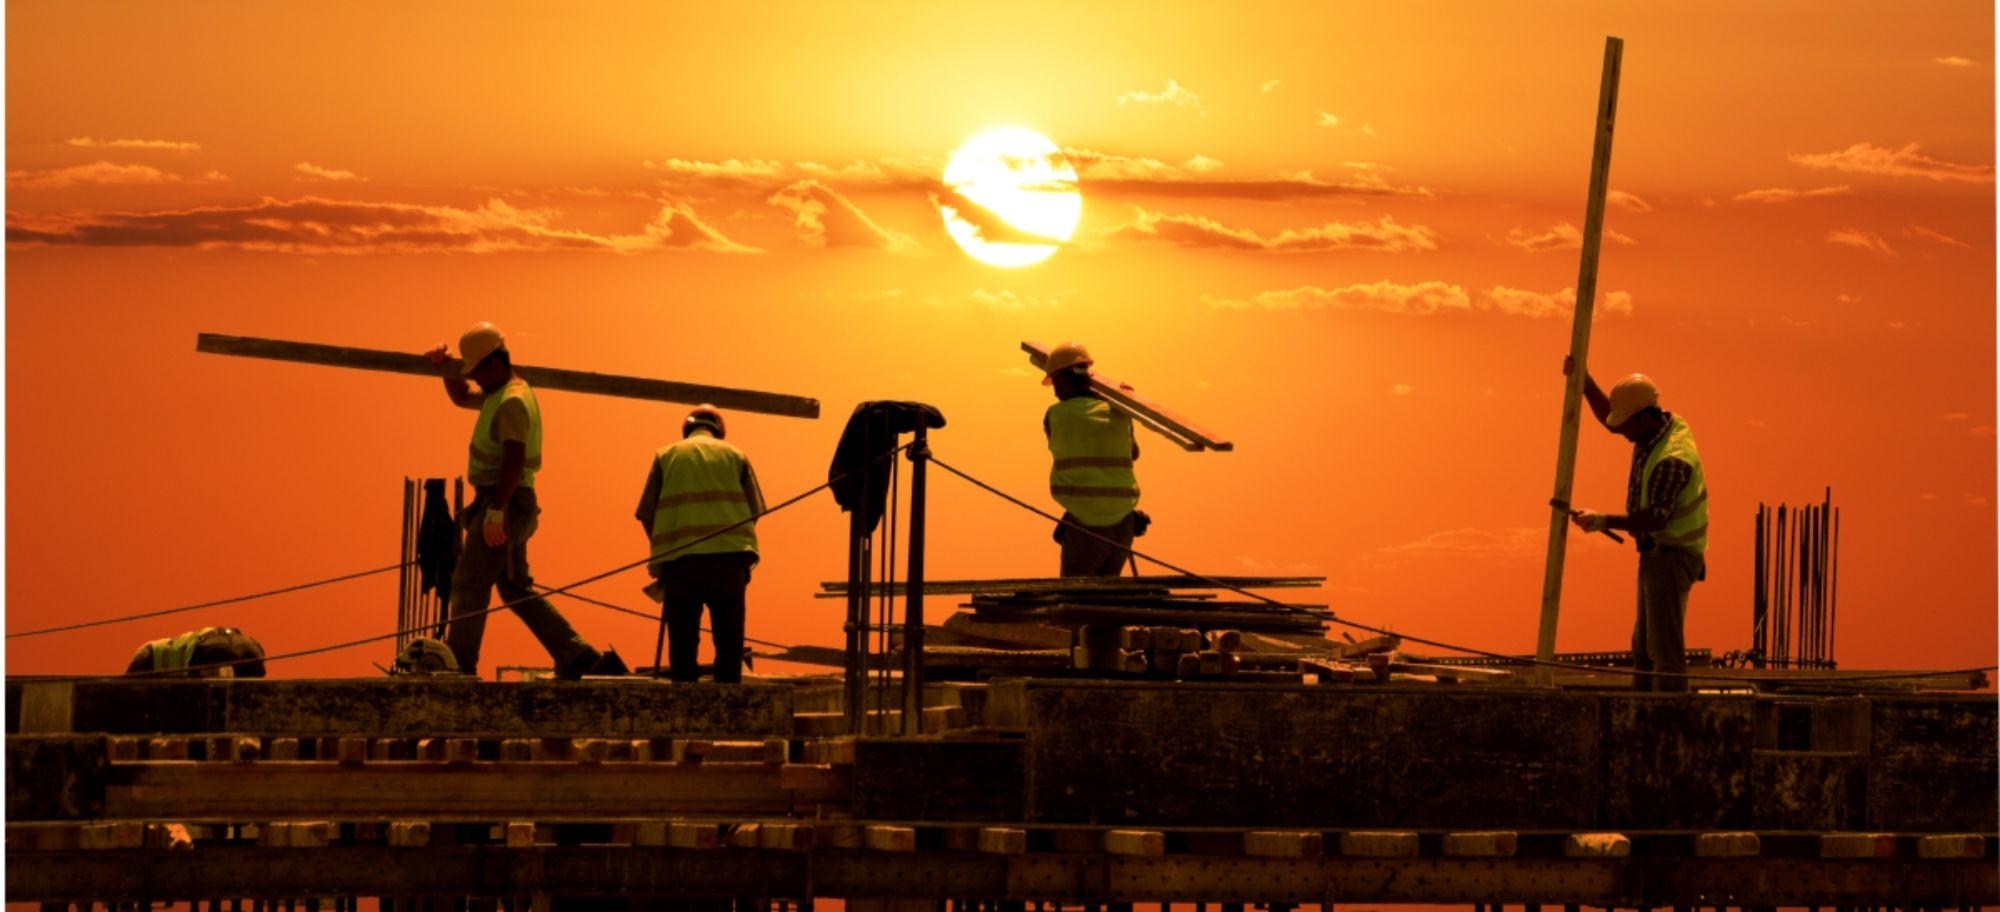 sicurezza lavoro sicurezza gestione servizi trapani